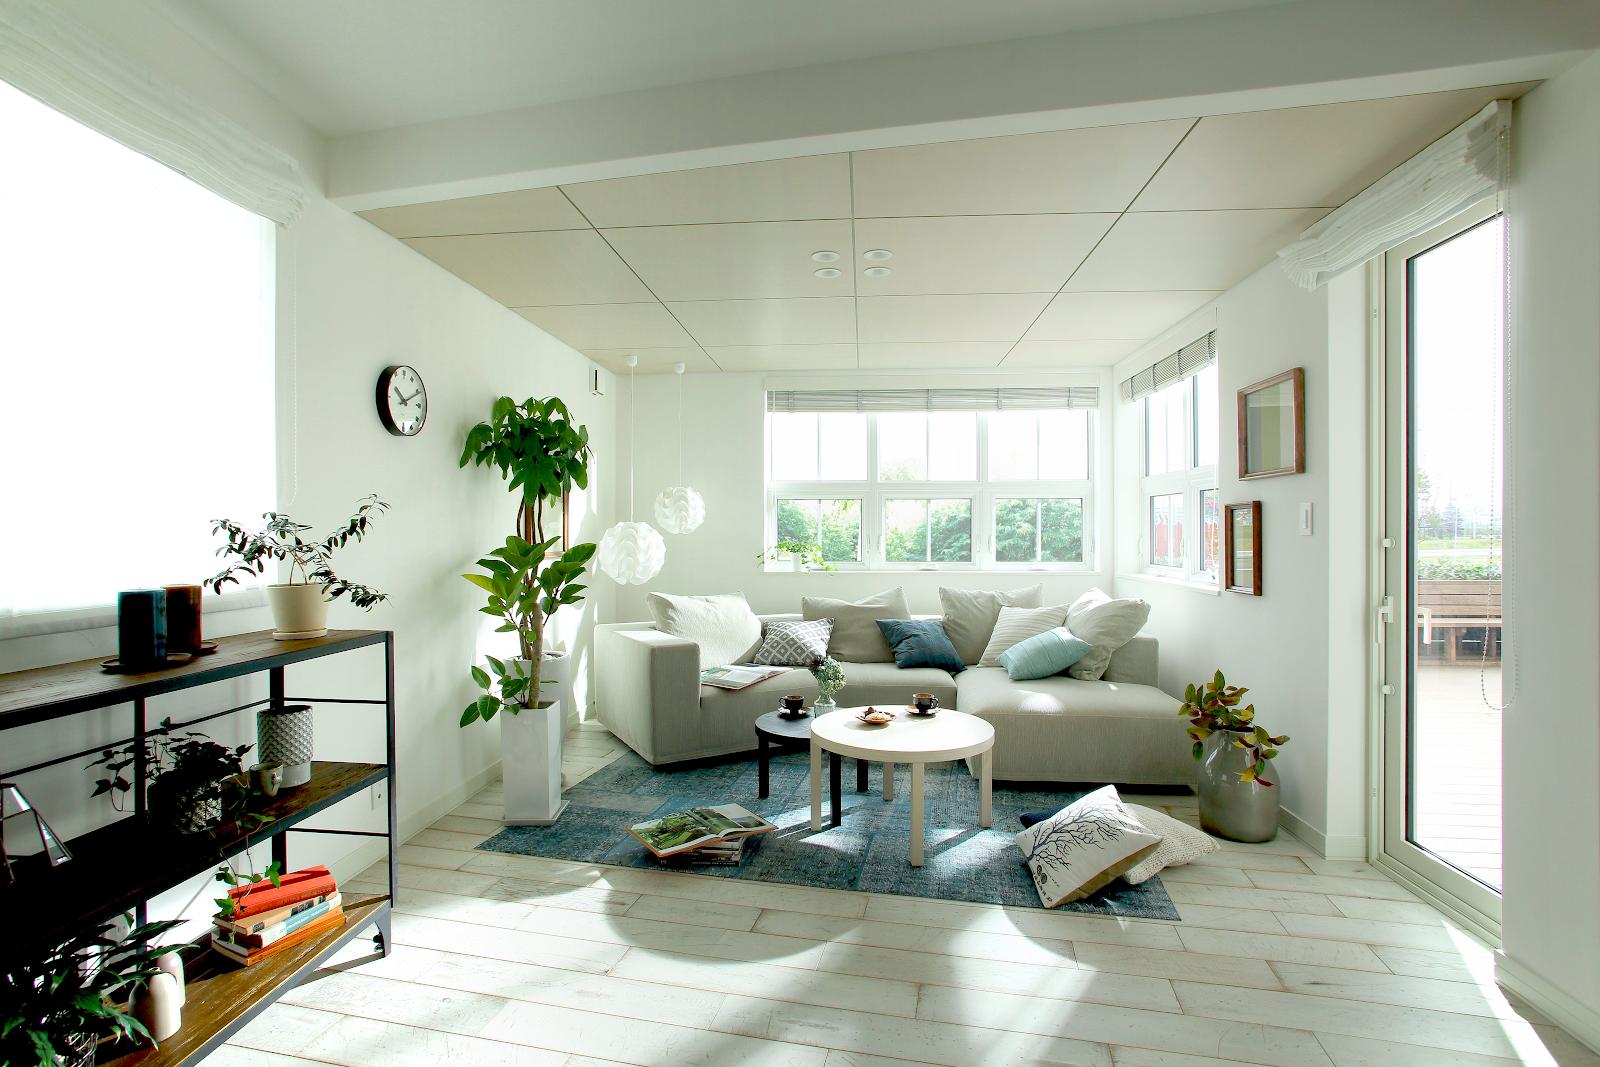 注文住宅で北欧テイストのデザインを上手に取り入れる方法家づくりの